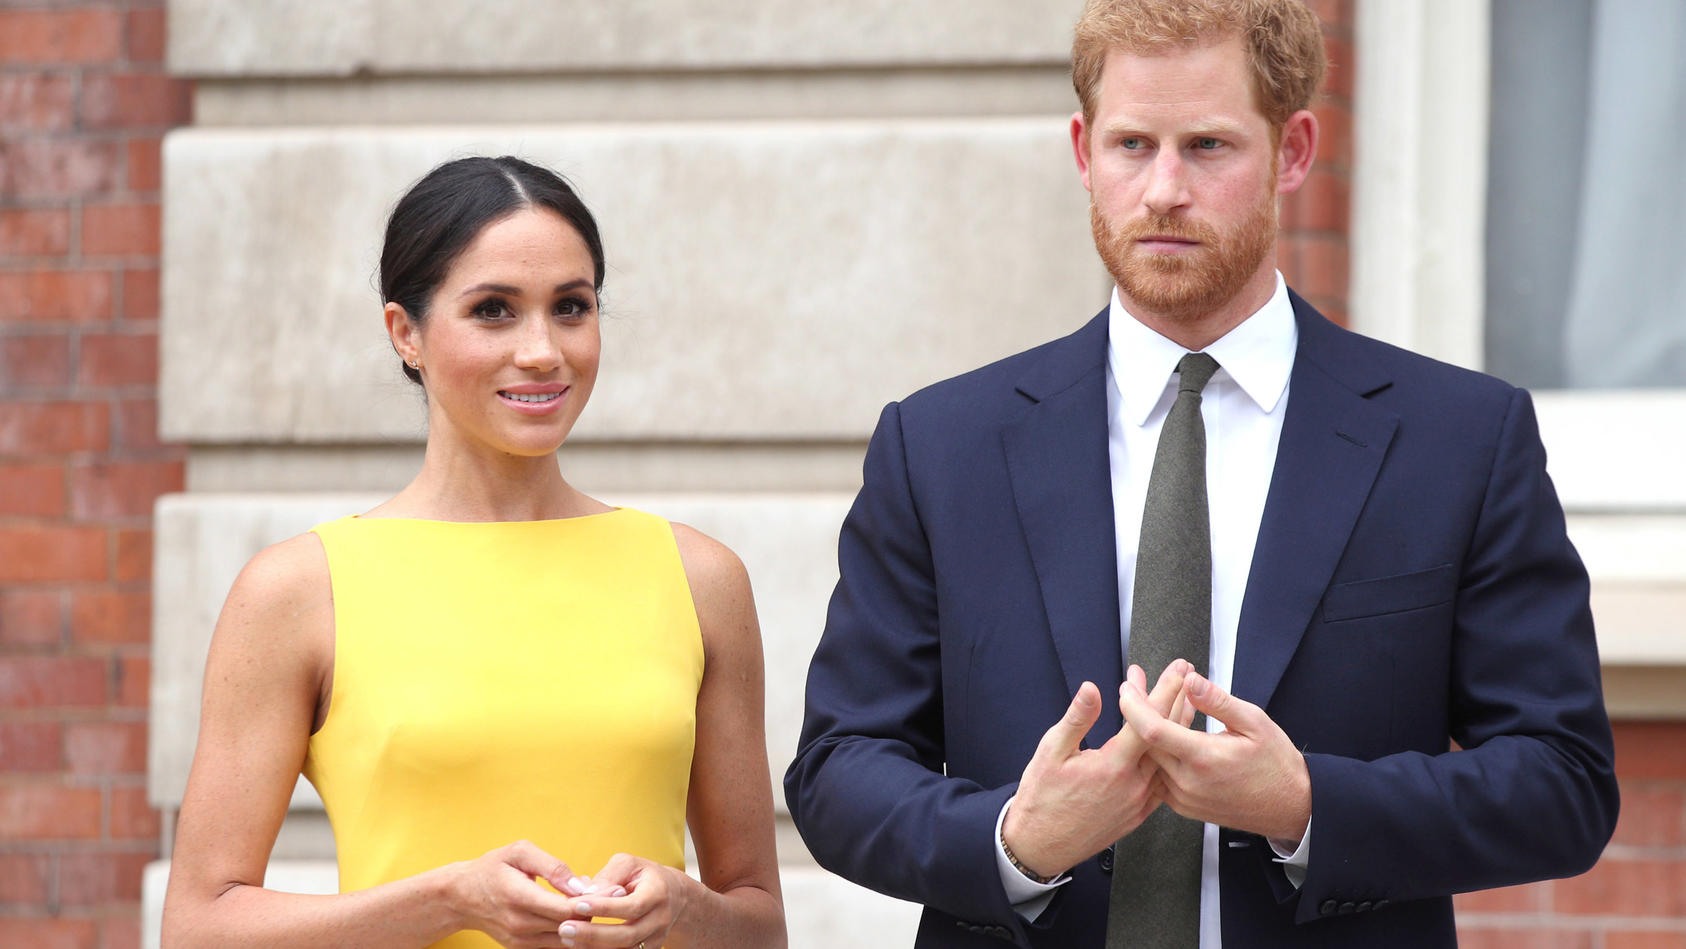 Mittlerweile leben Herzogin Meghan und Prinz Harry seit über einem Jahr in den USA.